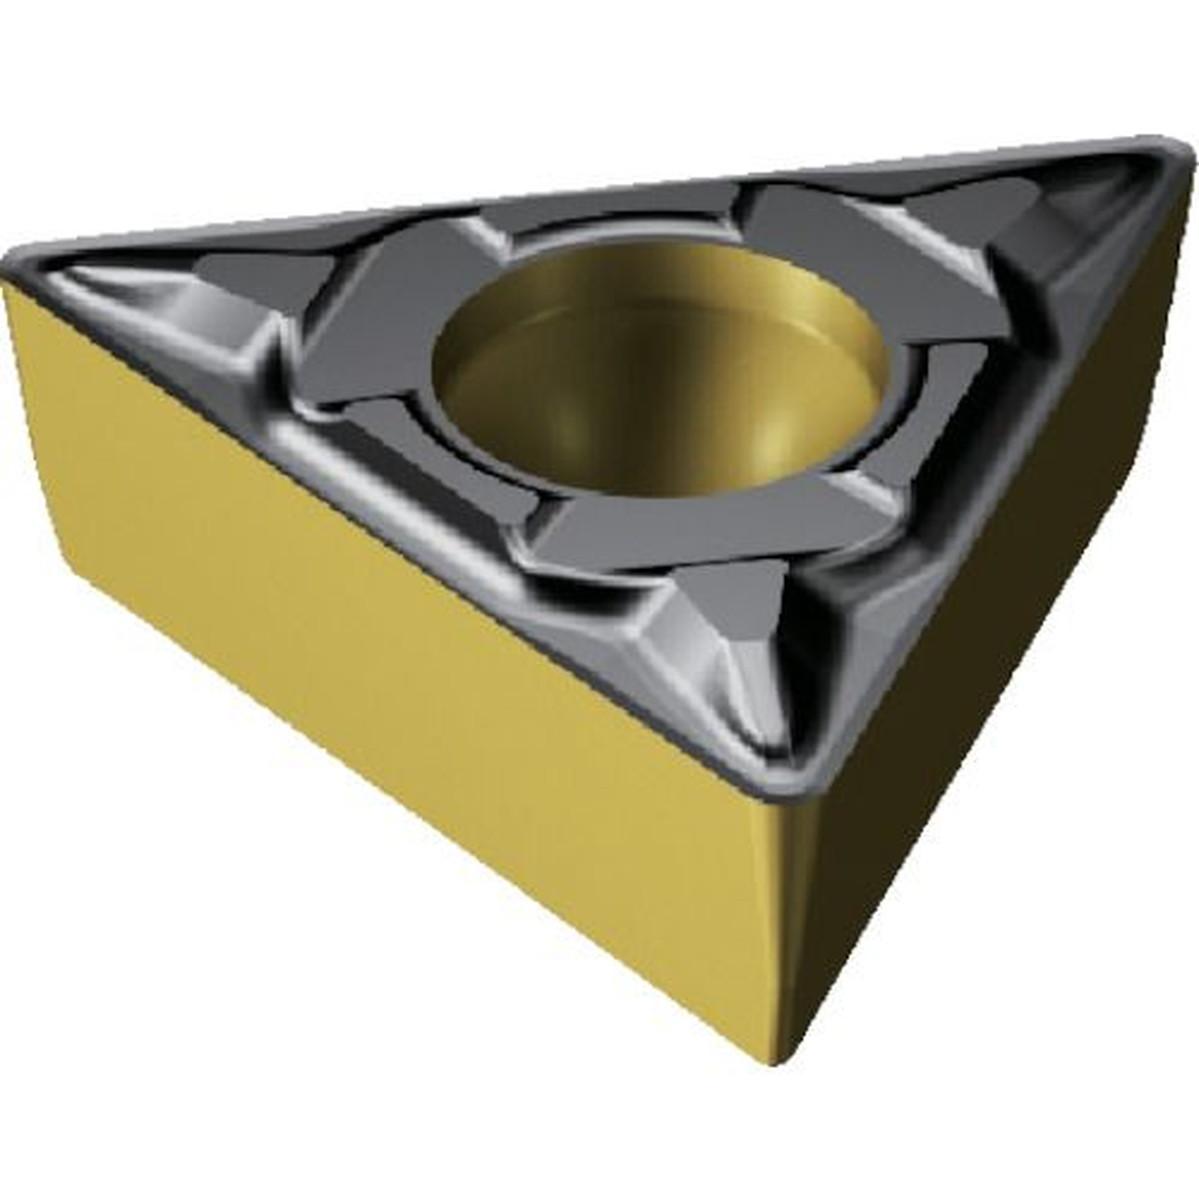 人気デザイナー サンドビック サンドビック コロターン111チップ 10個 コロターン111チップ COAT 10個, キタカタチョウ:d7e7a24a --- promotime.lt